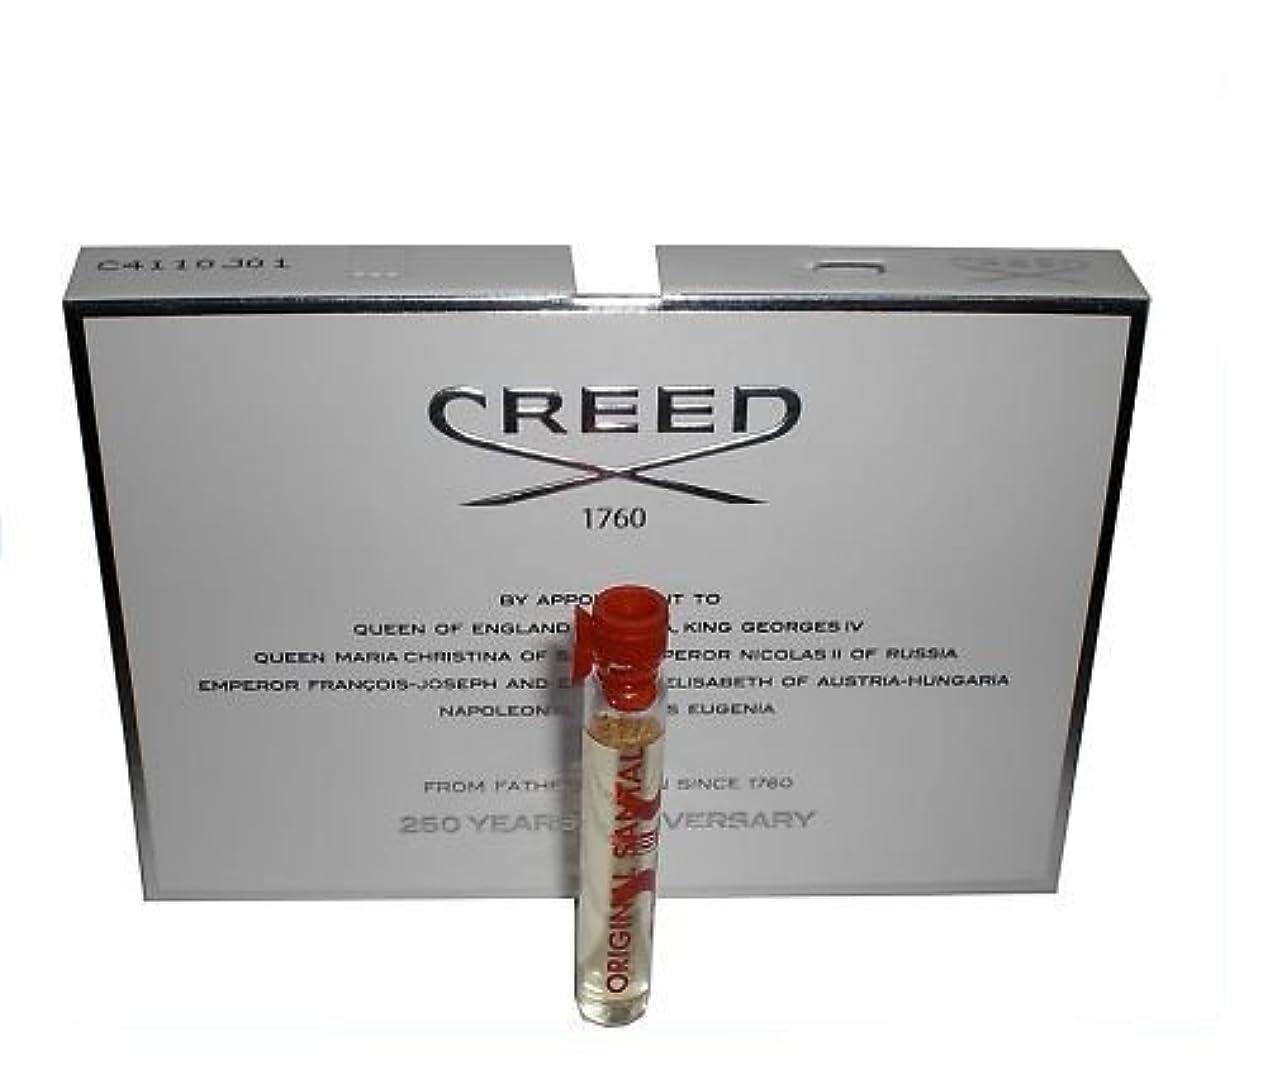 橋脚一族足枷Creed Original Santal (クリードオリジナルサンタル) 0.08 oz (2.5ml) サンプル Vial for Men